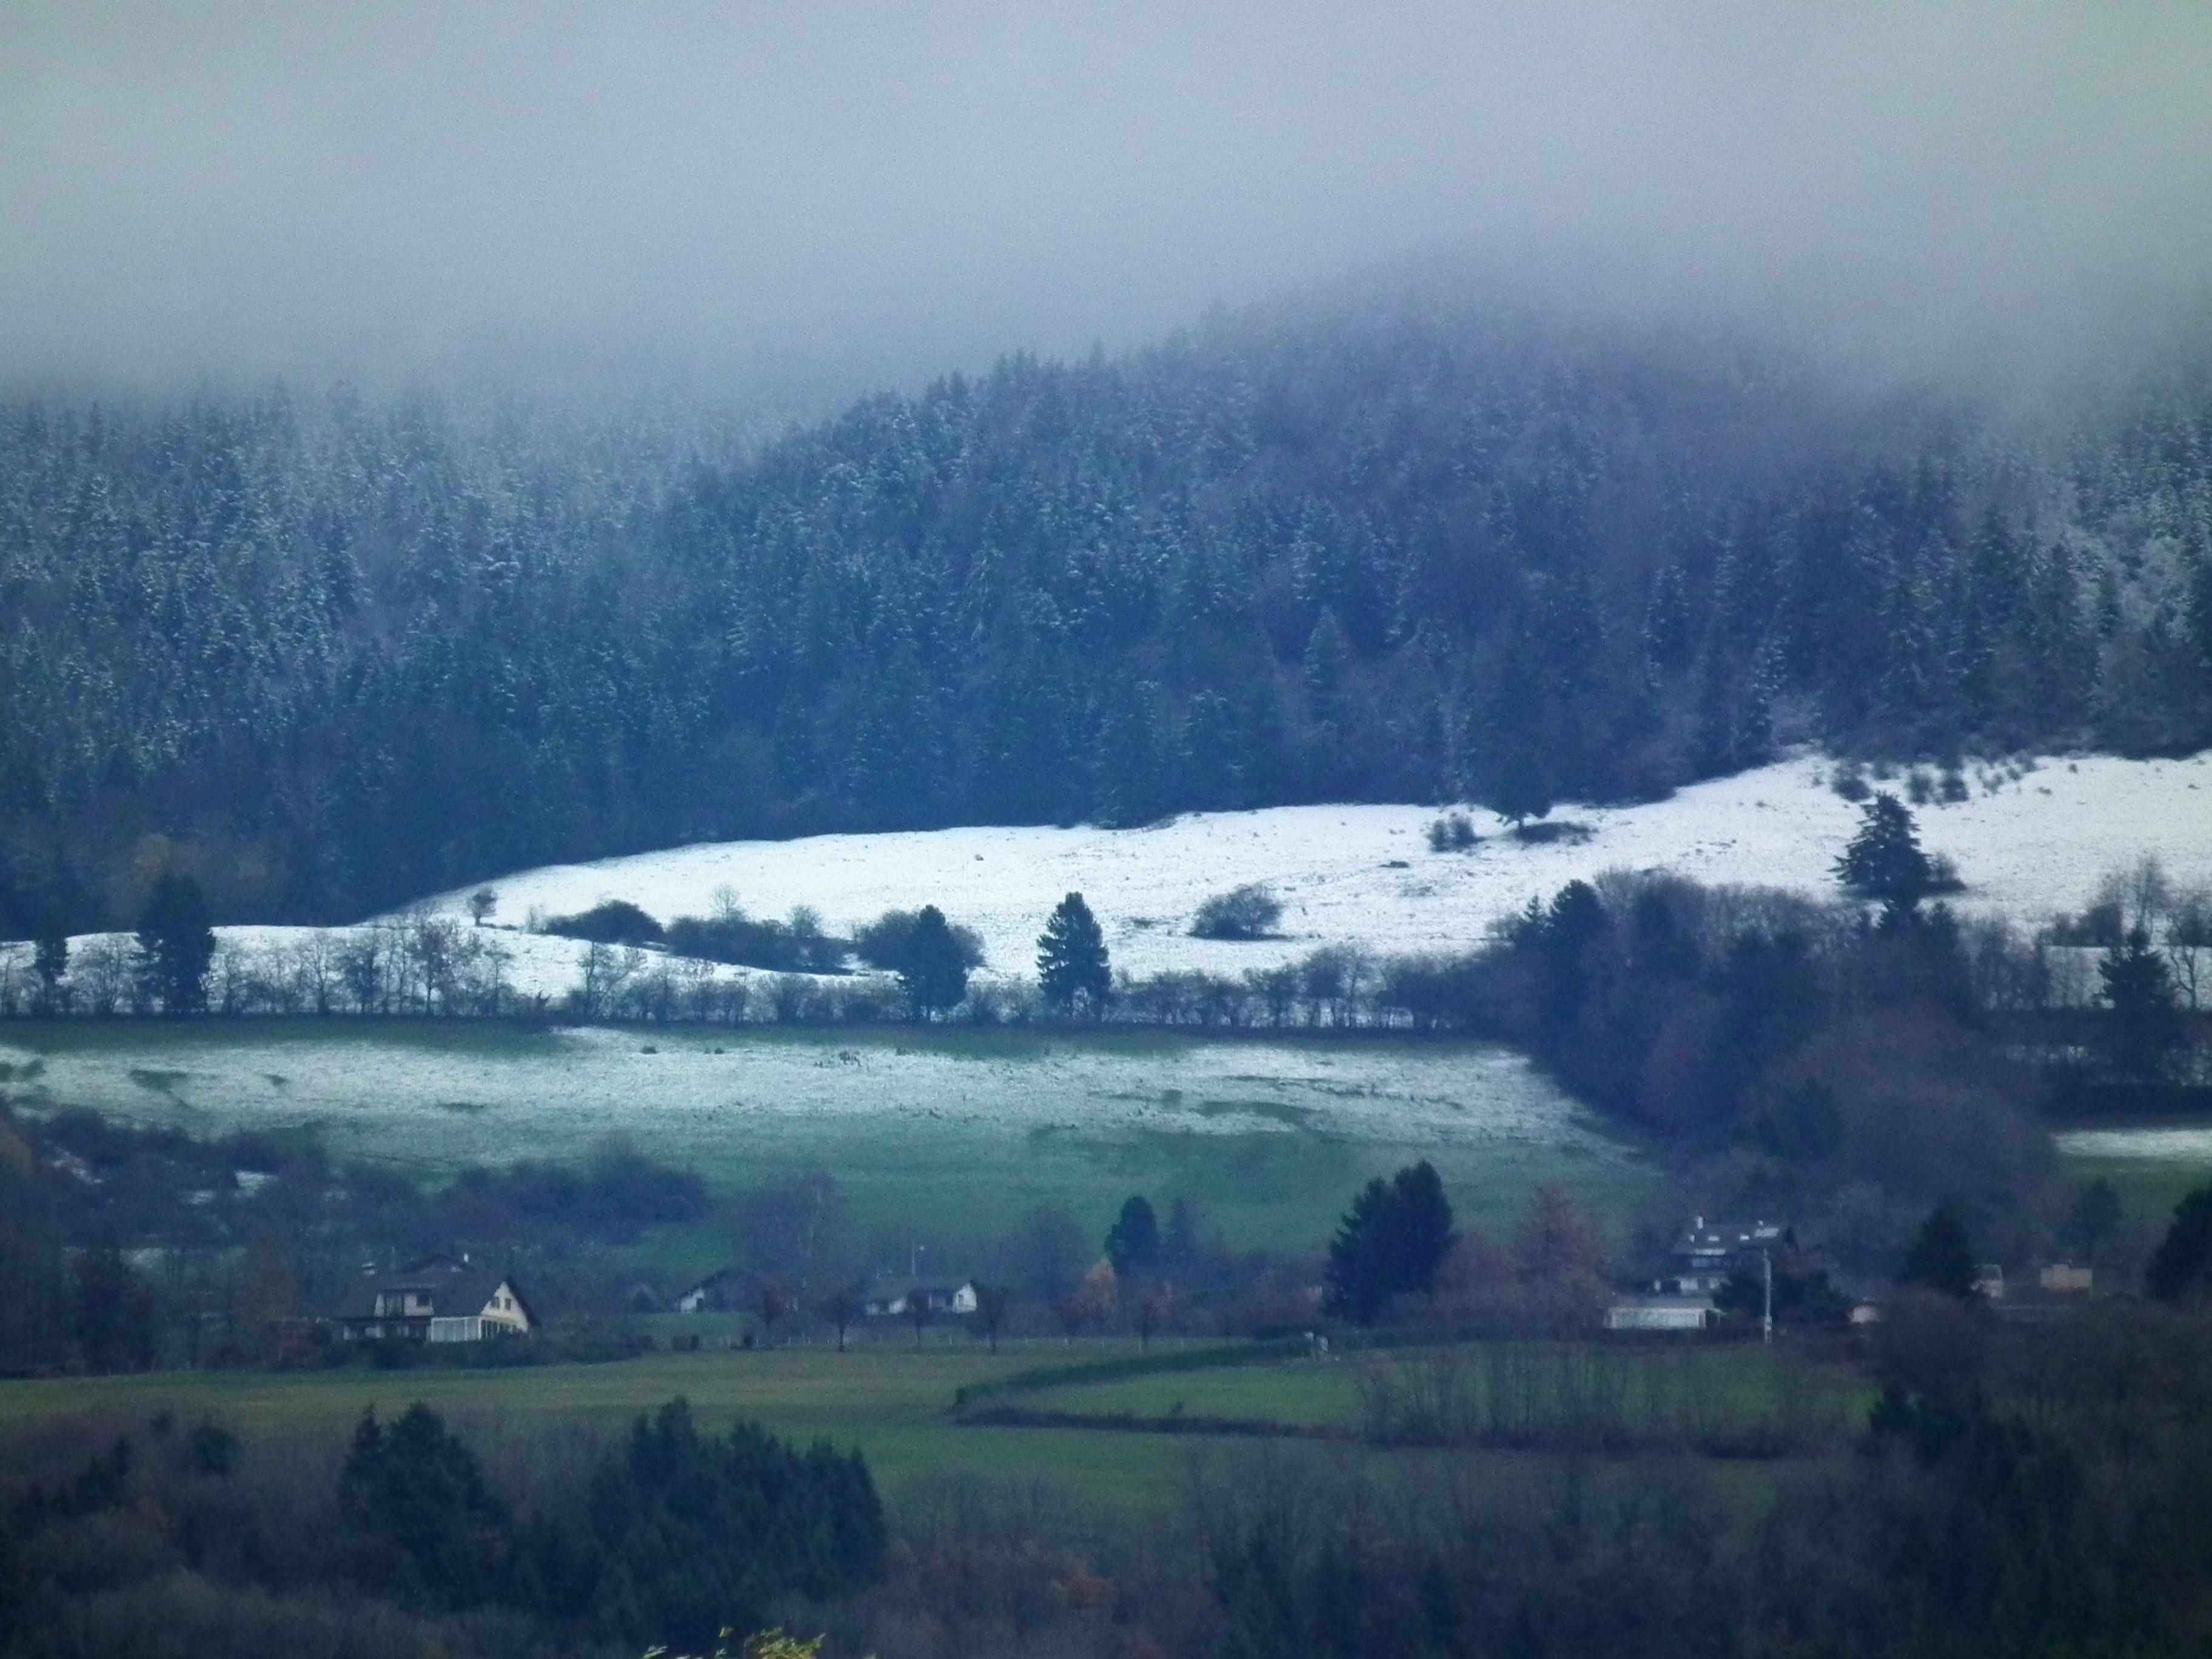 Annemasse, Haute-Savoie (department), France